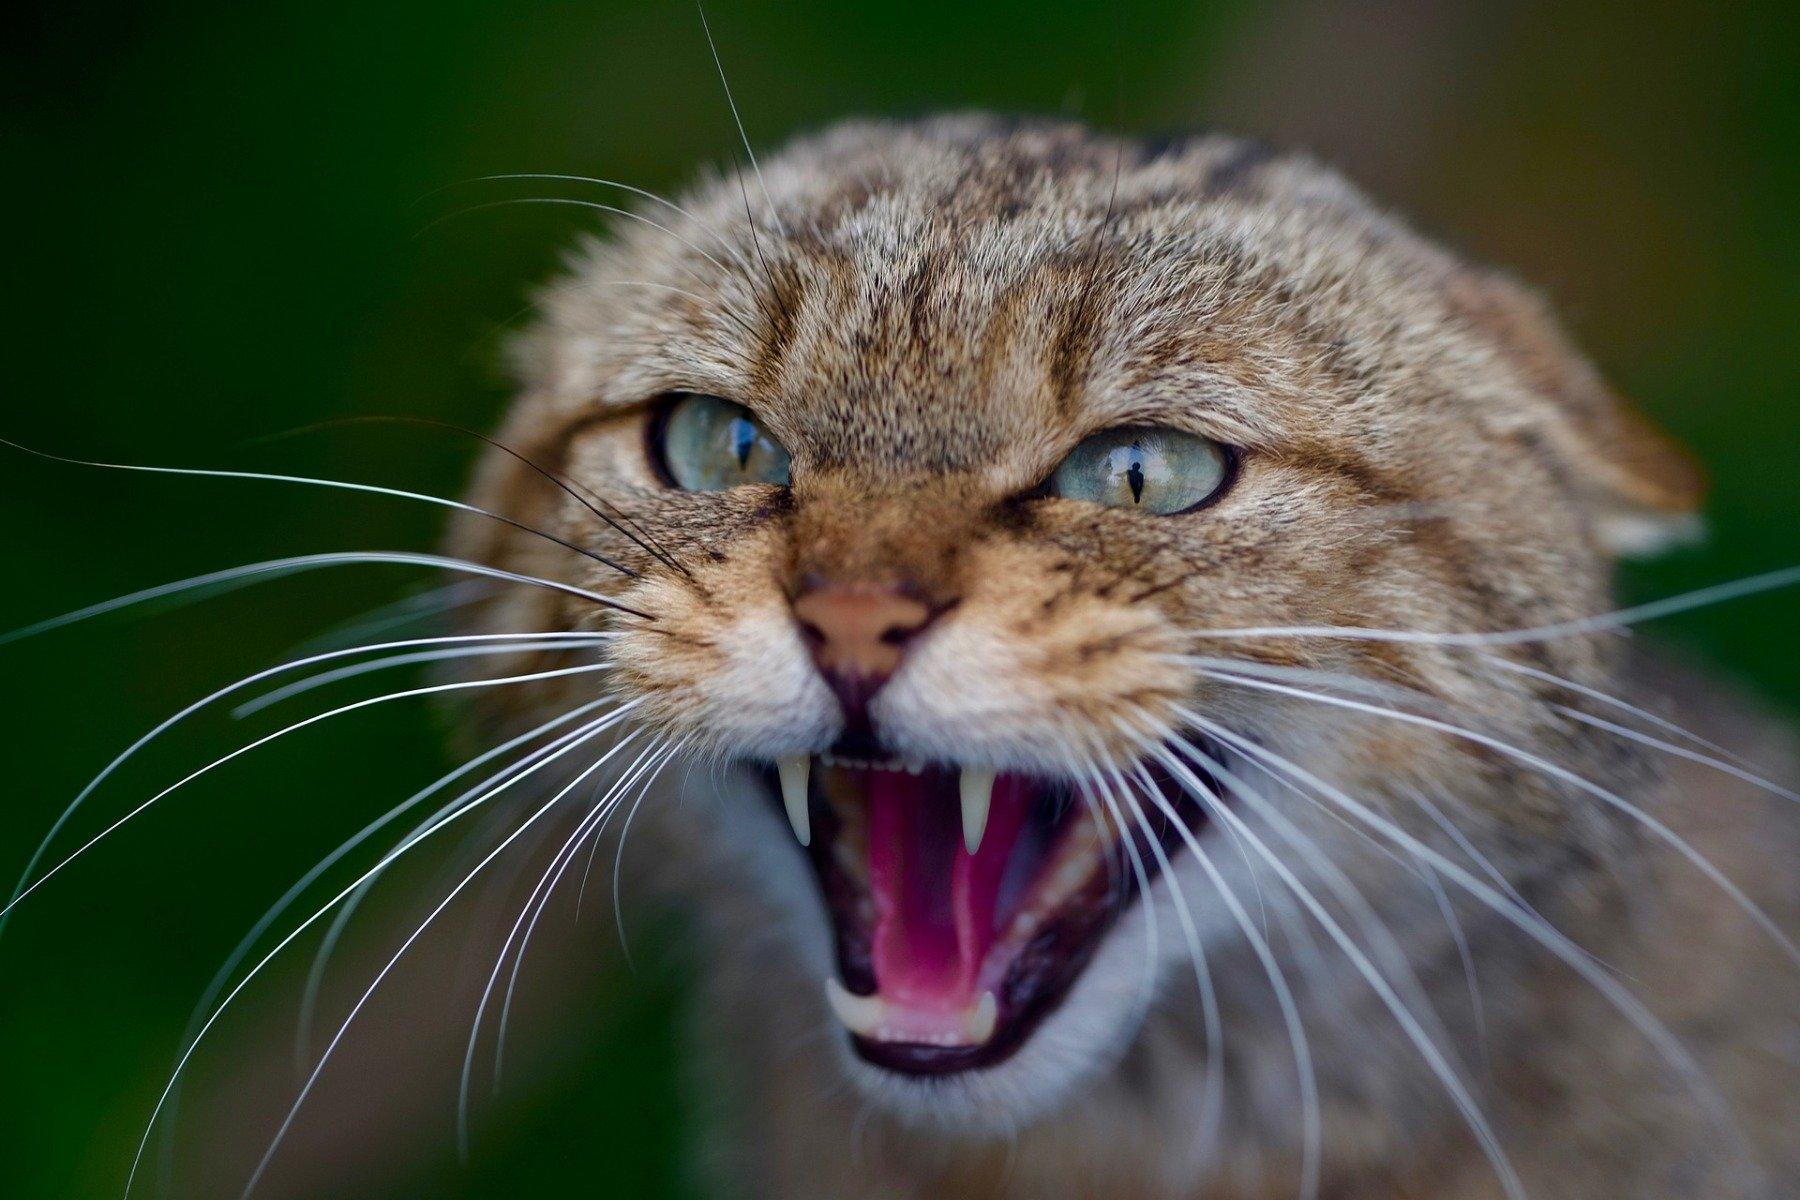 Katze legt die Ohren zurück und faucht